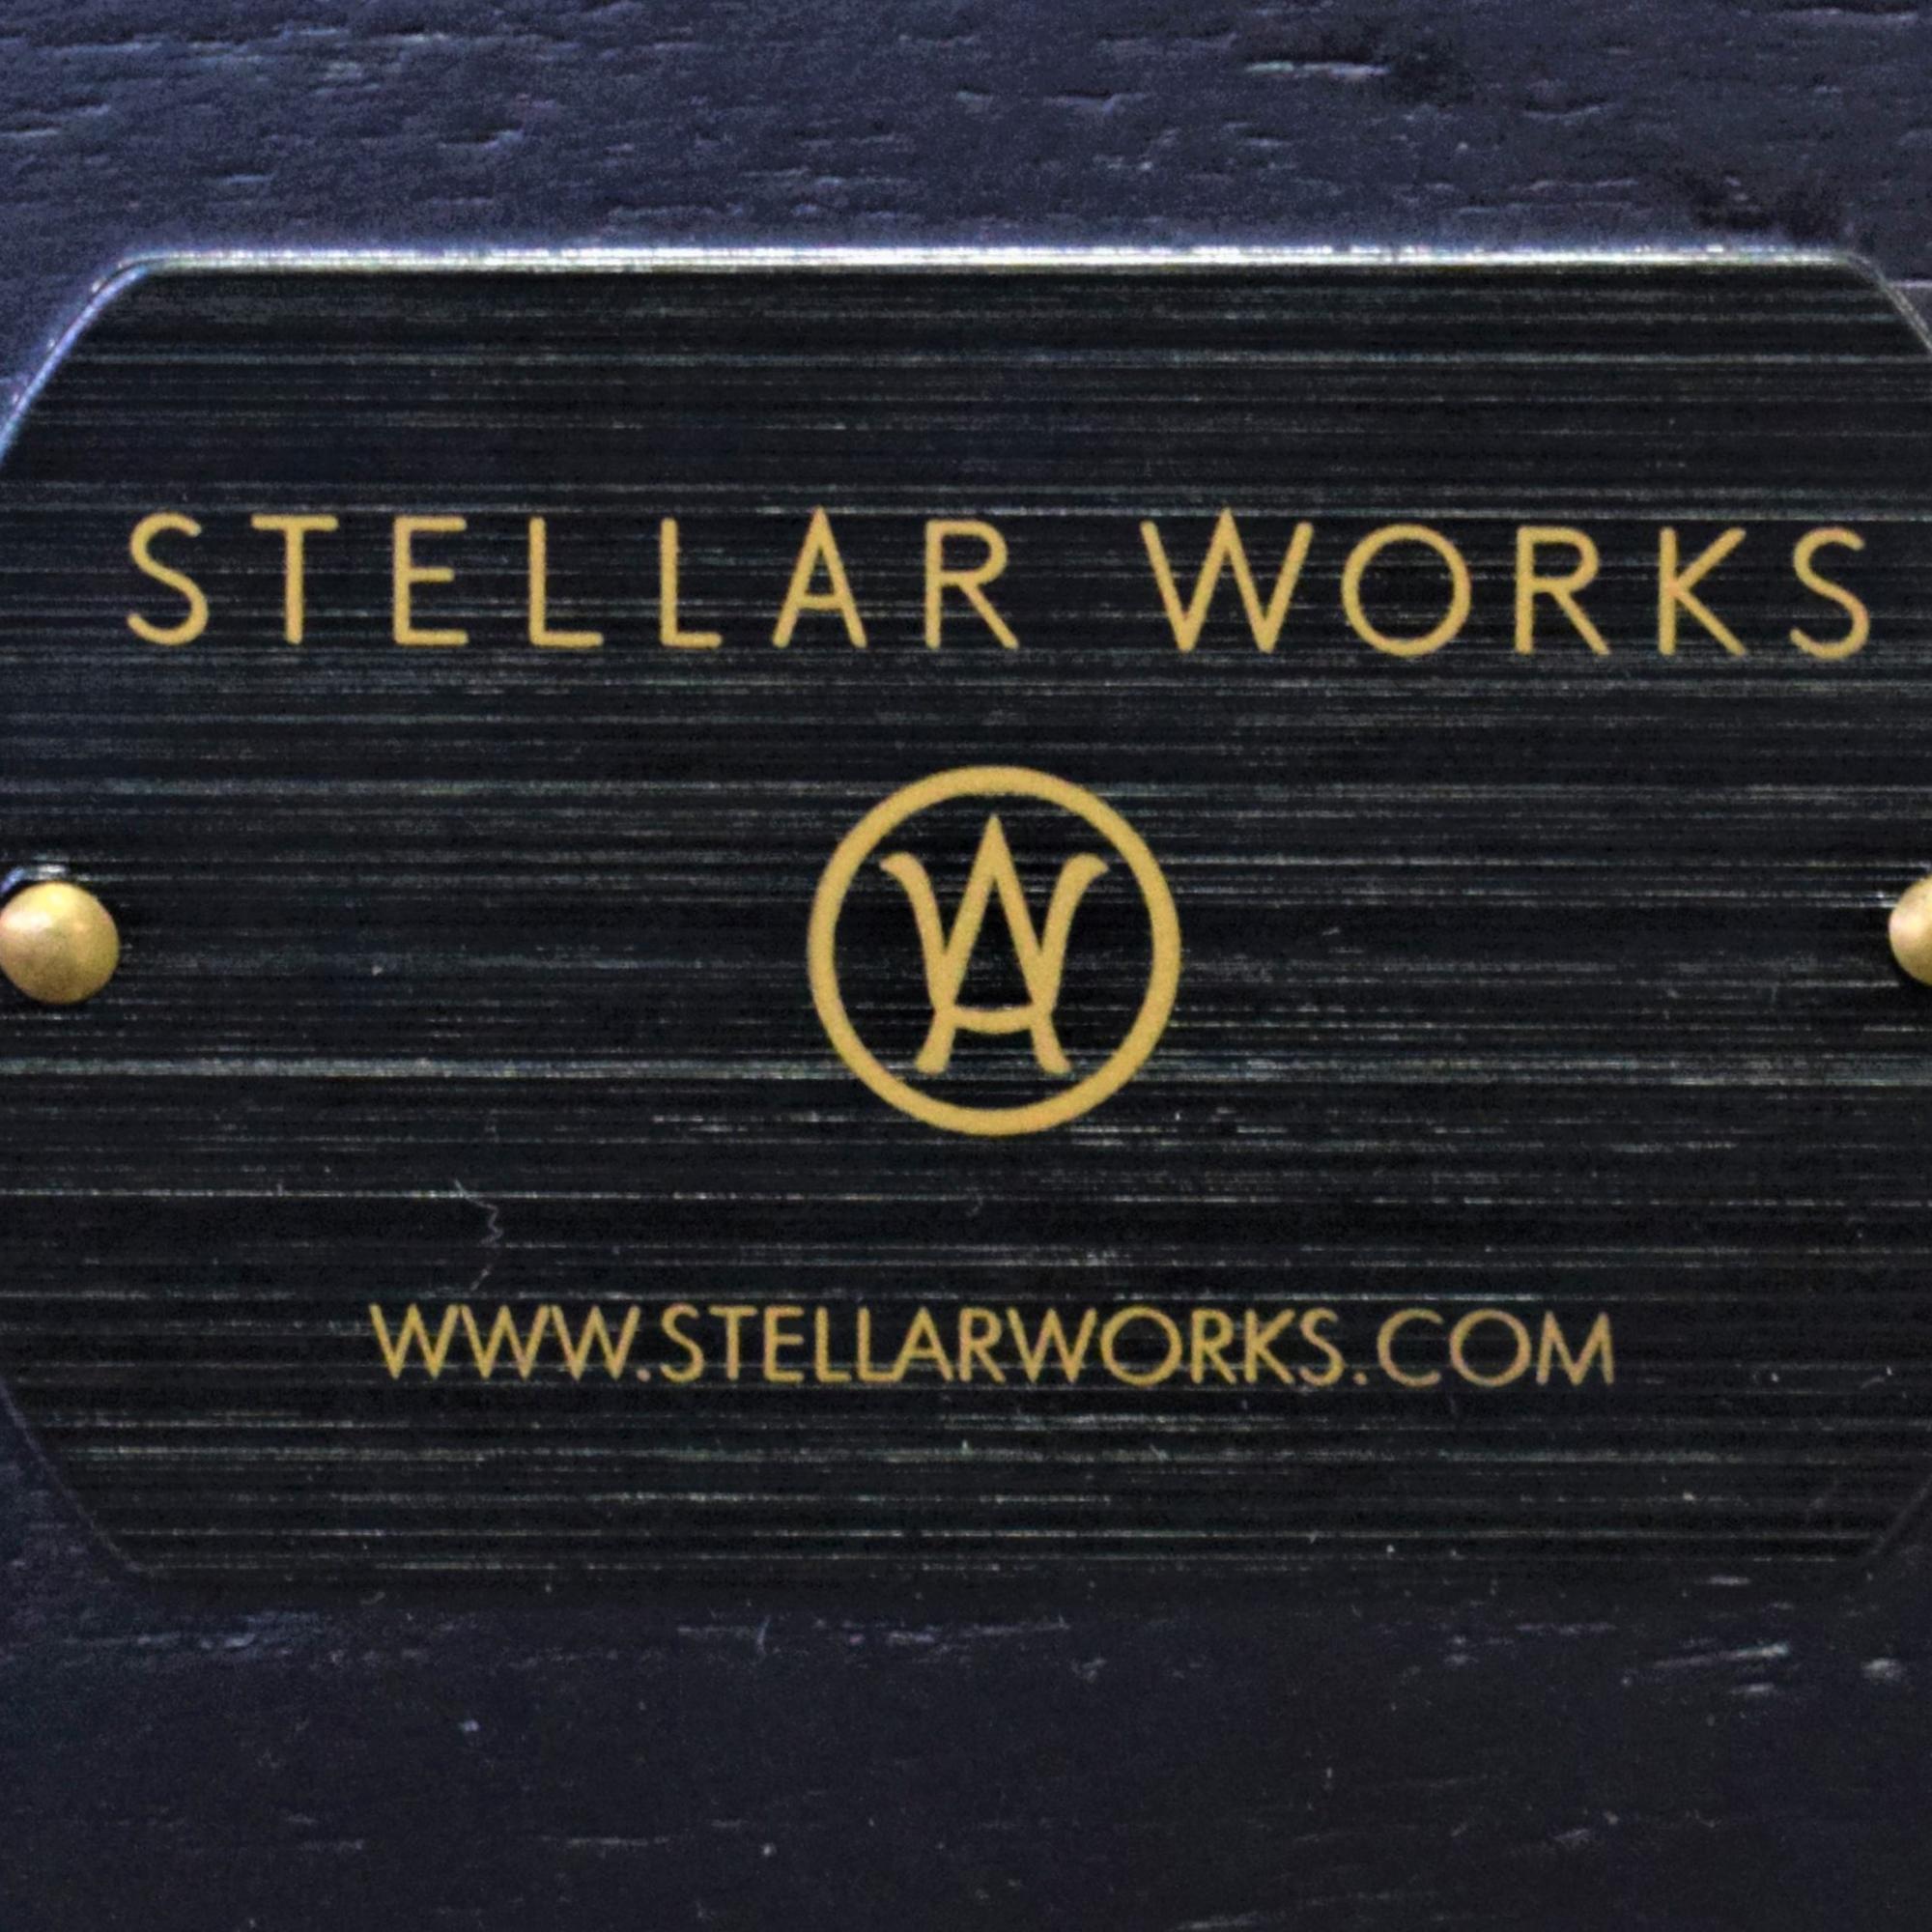 Stellar Works Stellar Works Lunar Bar Chairs for sale